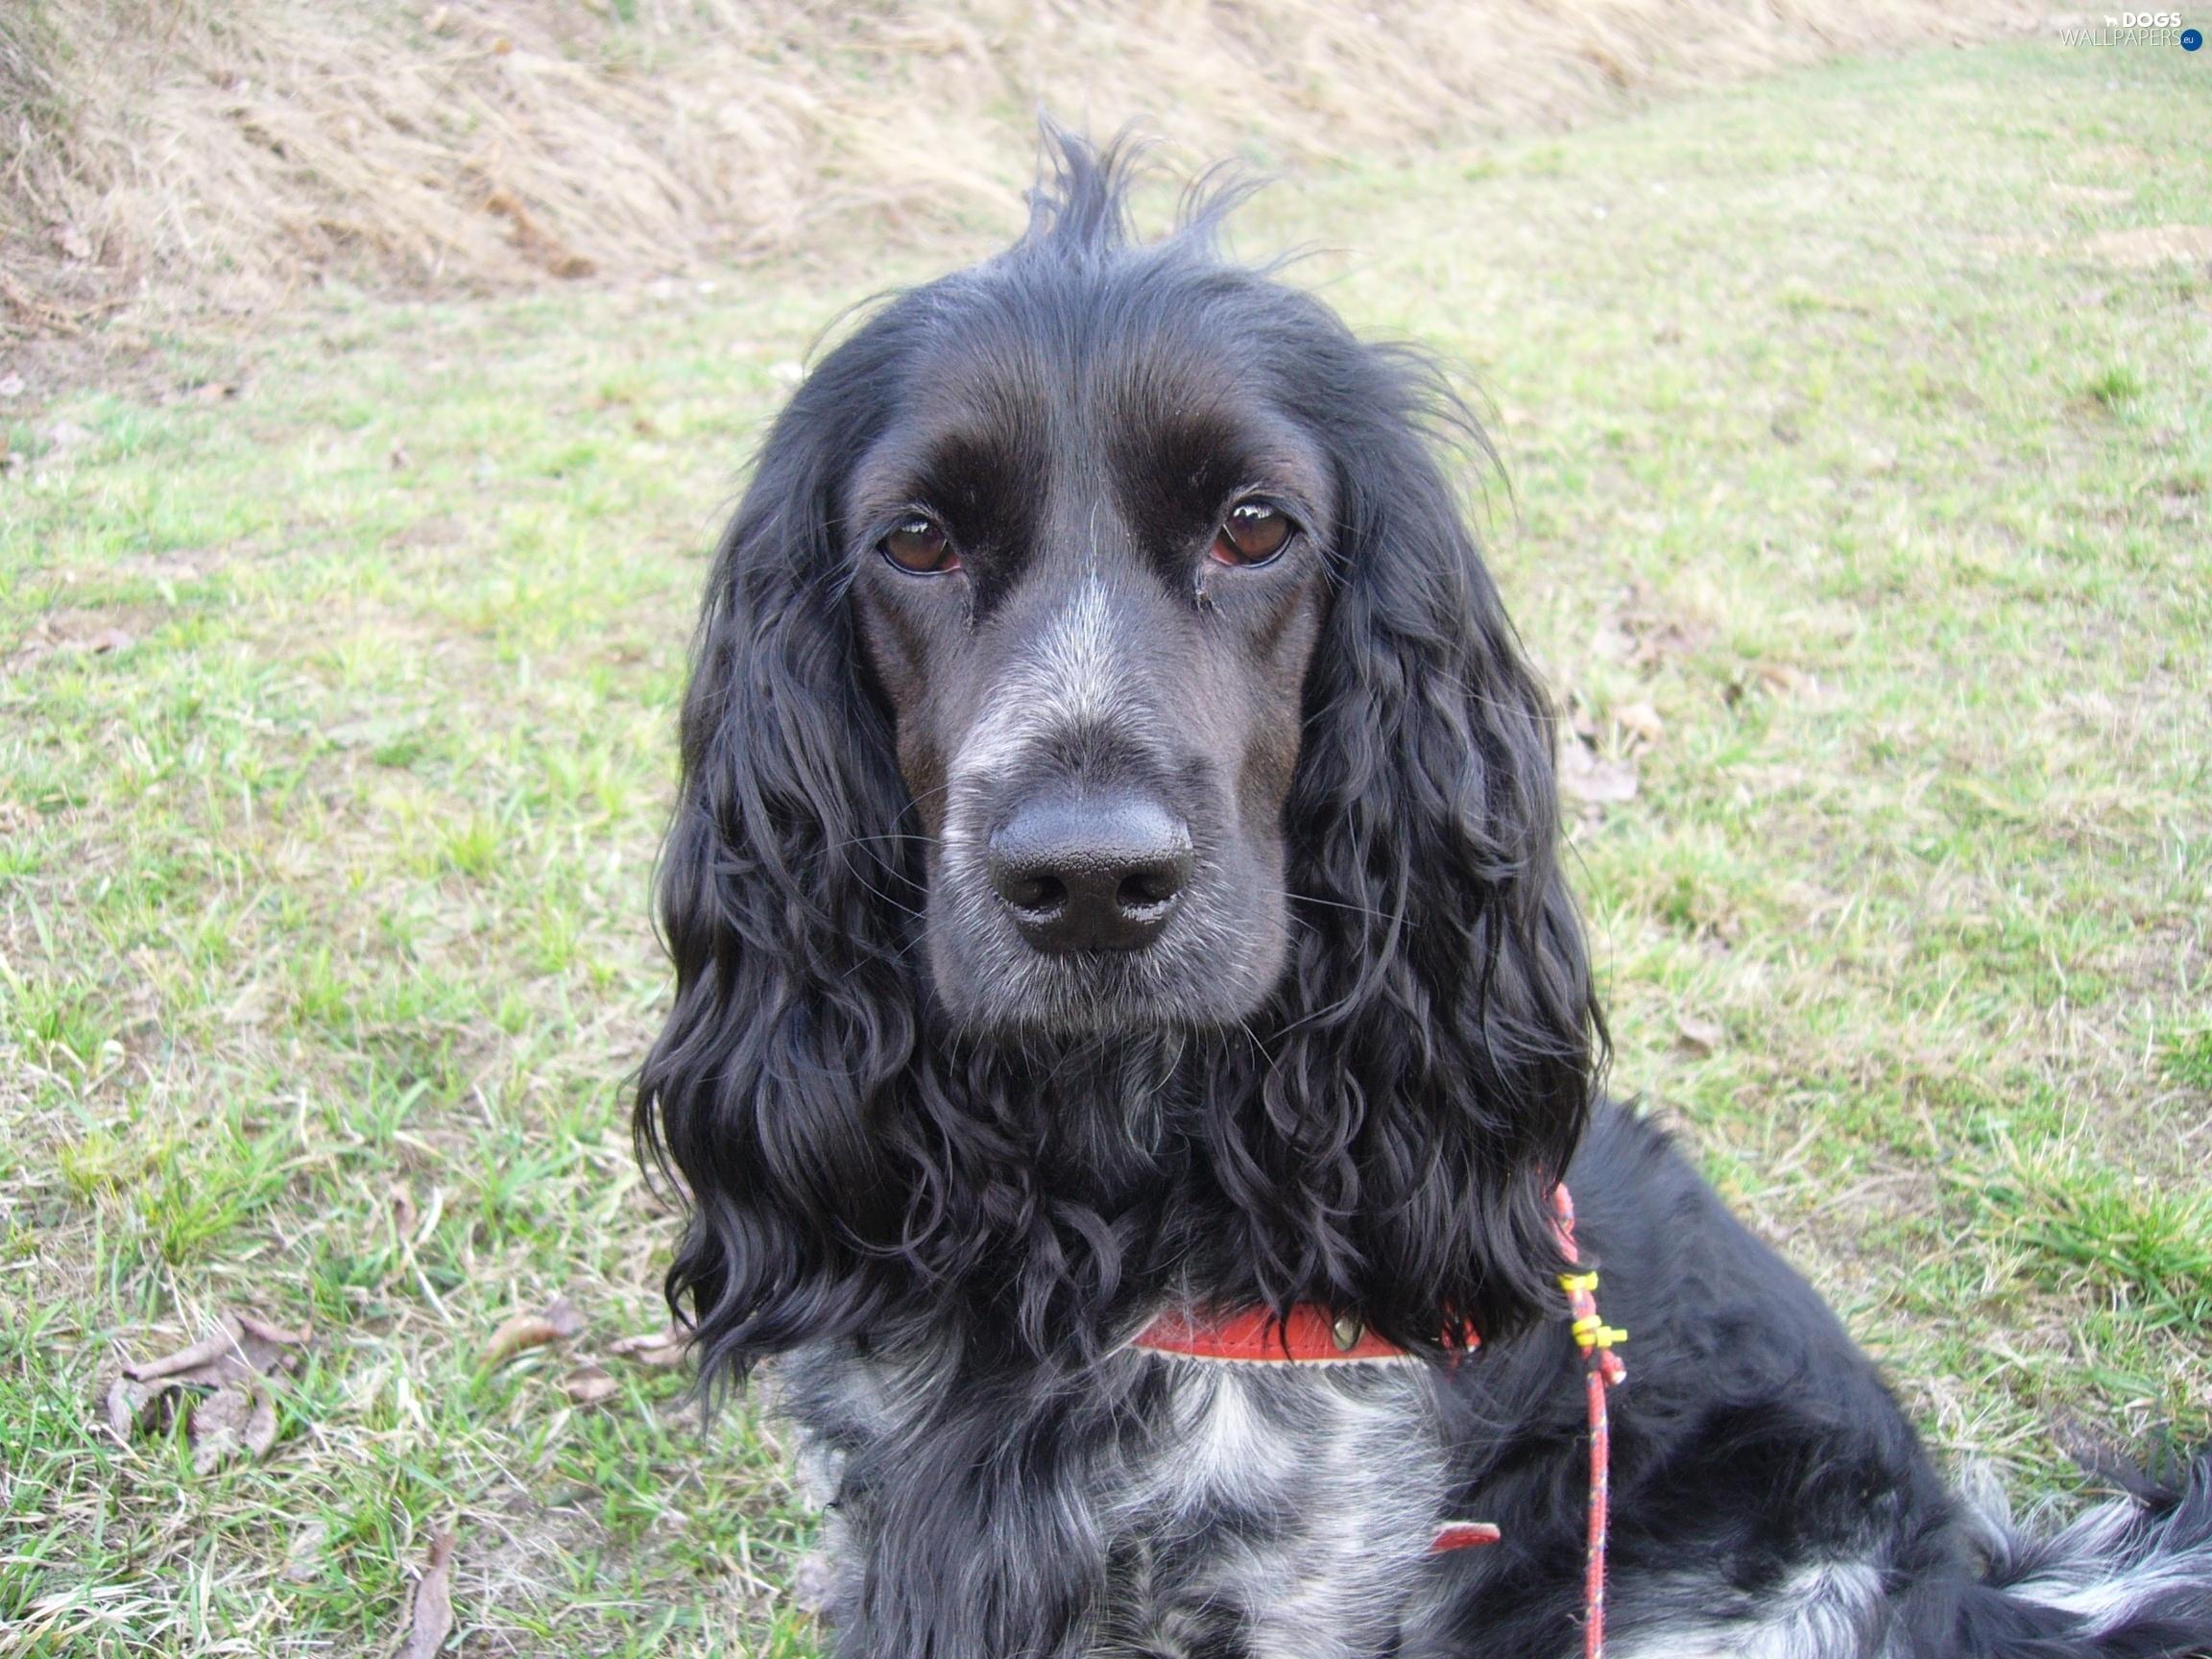 Irish Setter Dog Black